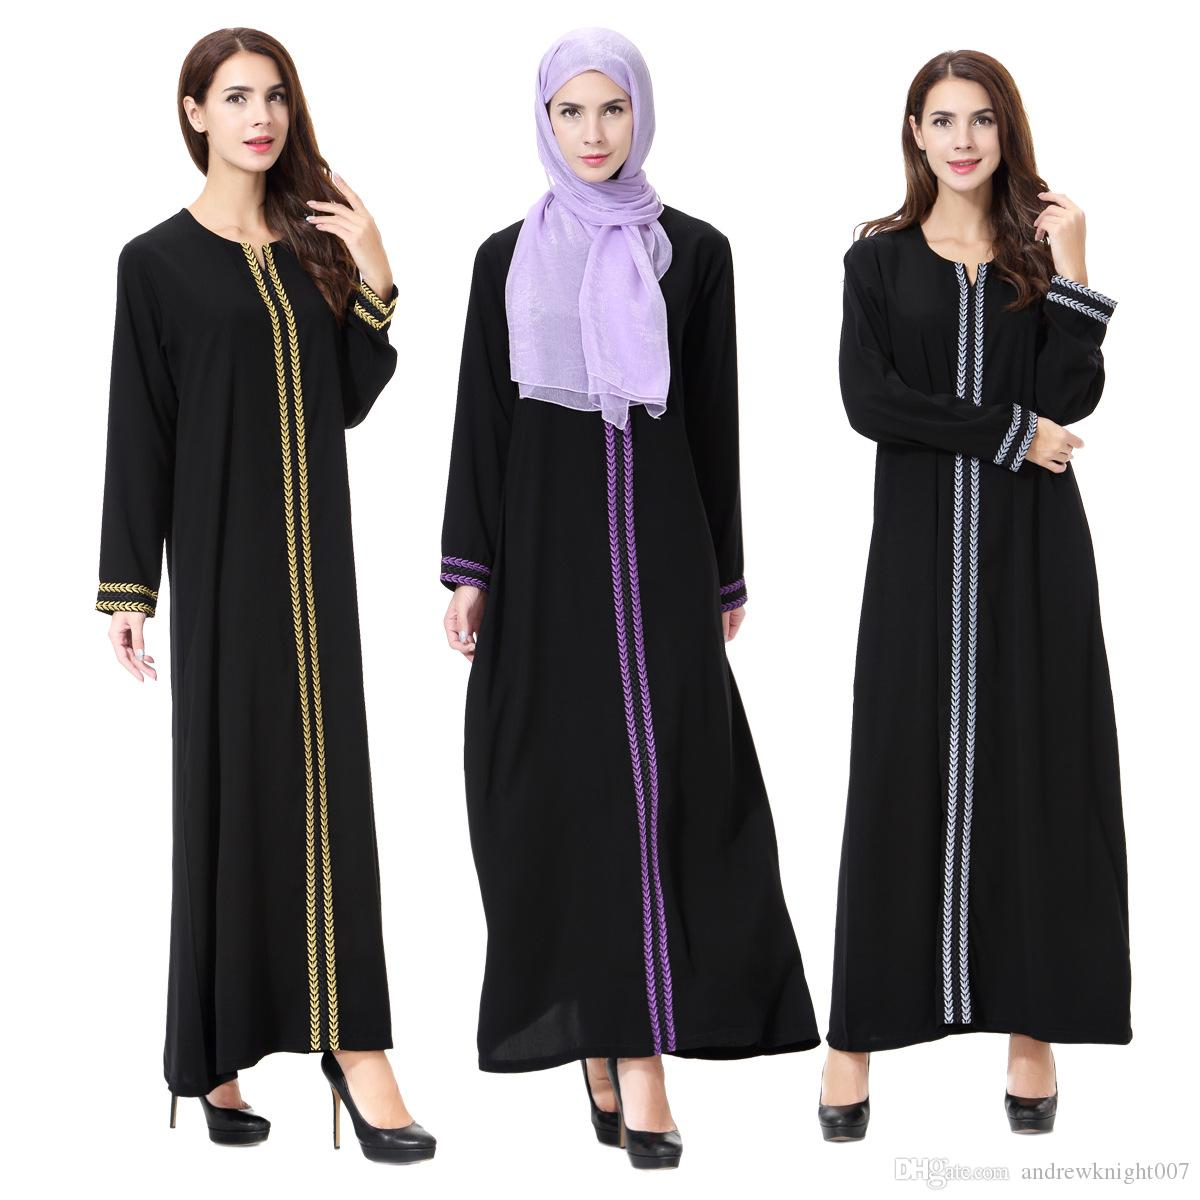 Женщины черный абая мусульманское платье кардиган одеяния арабский кафтан абая исламская одежда для взрослых платье DK750MZ